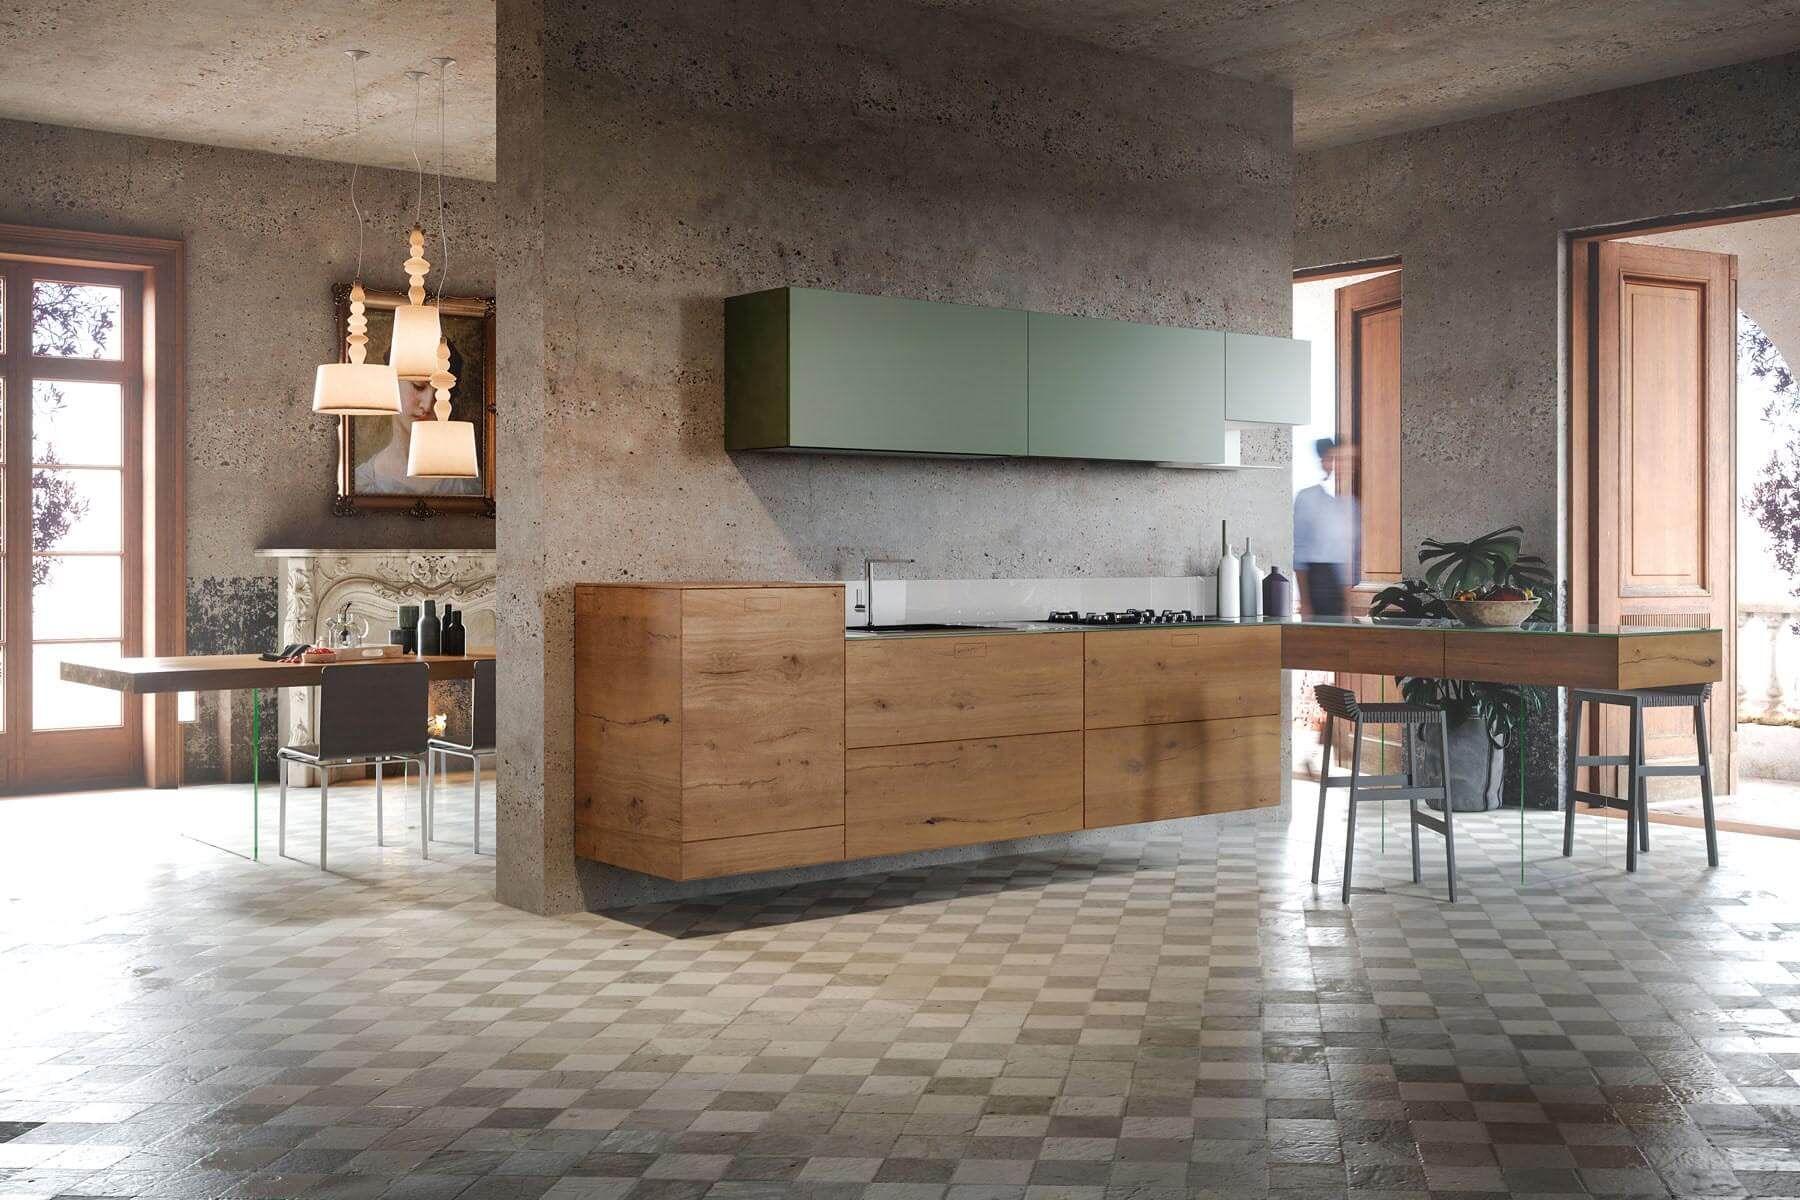 Cucine Moderne Componibili Di Design Lago Design Innenarchitektur Kuche Kuchendesign Modern Kucheneinrichtung